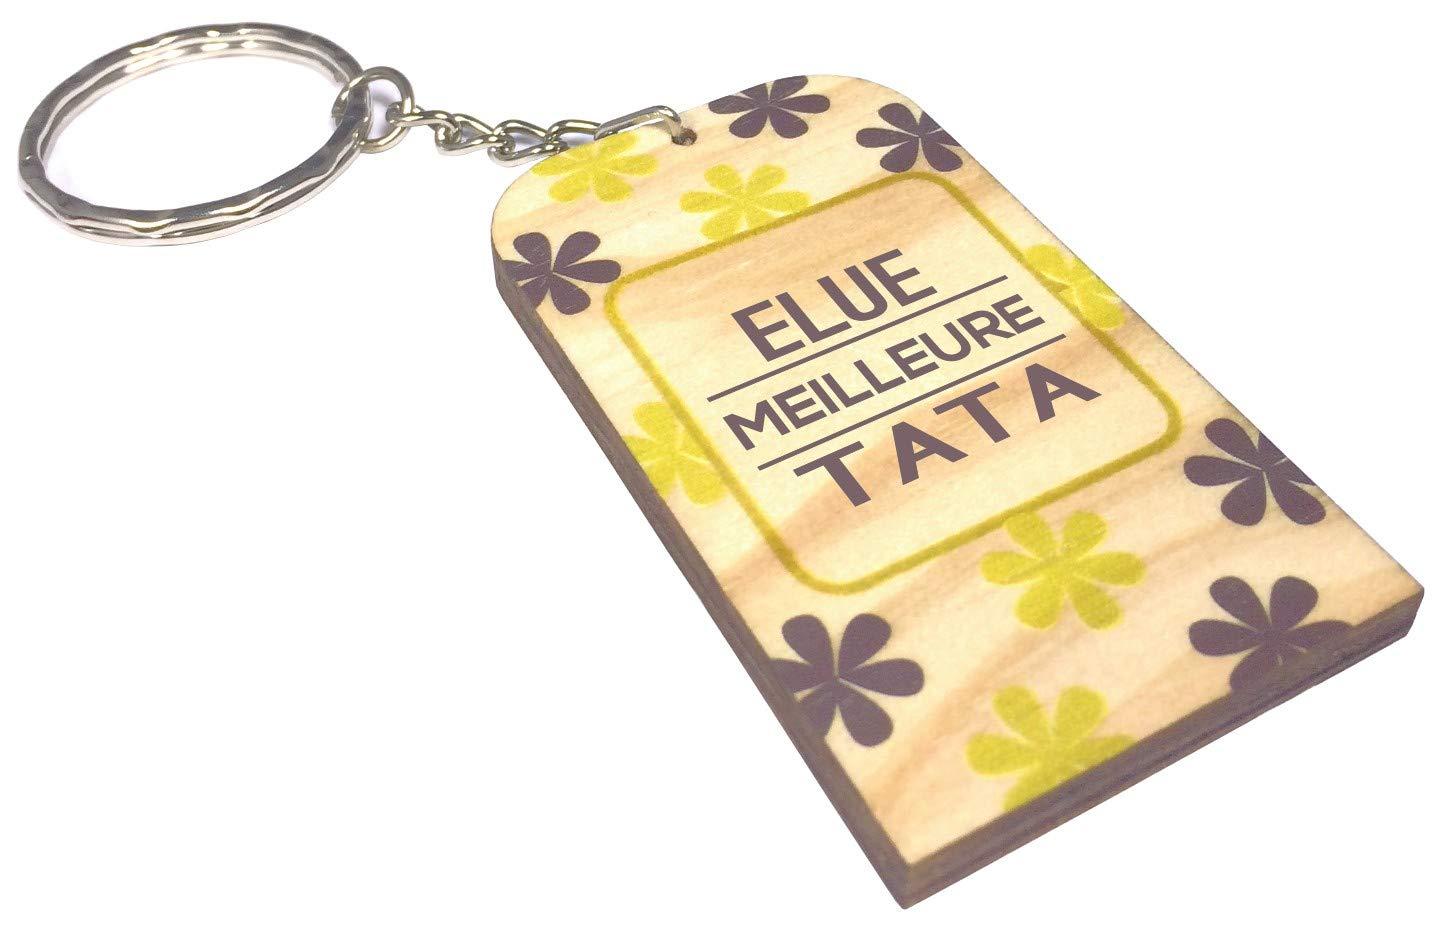 Puerta Llave En Madera - a ellue mejor Tata (regalo ...